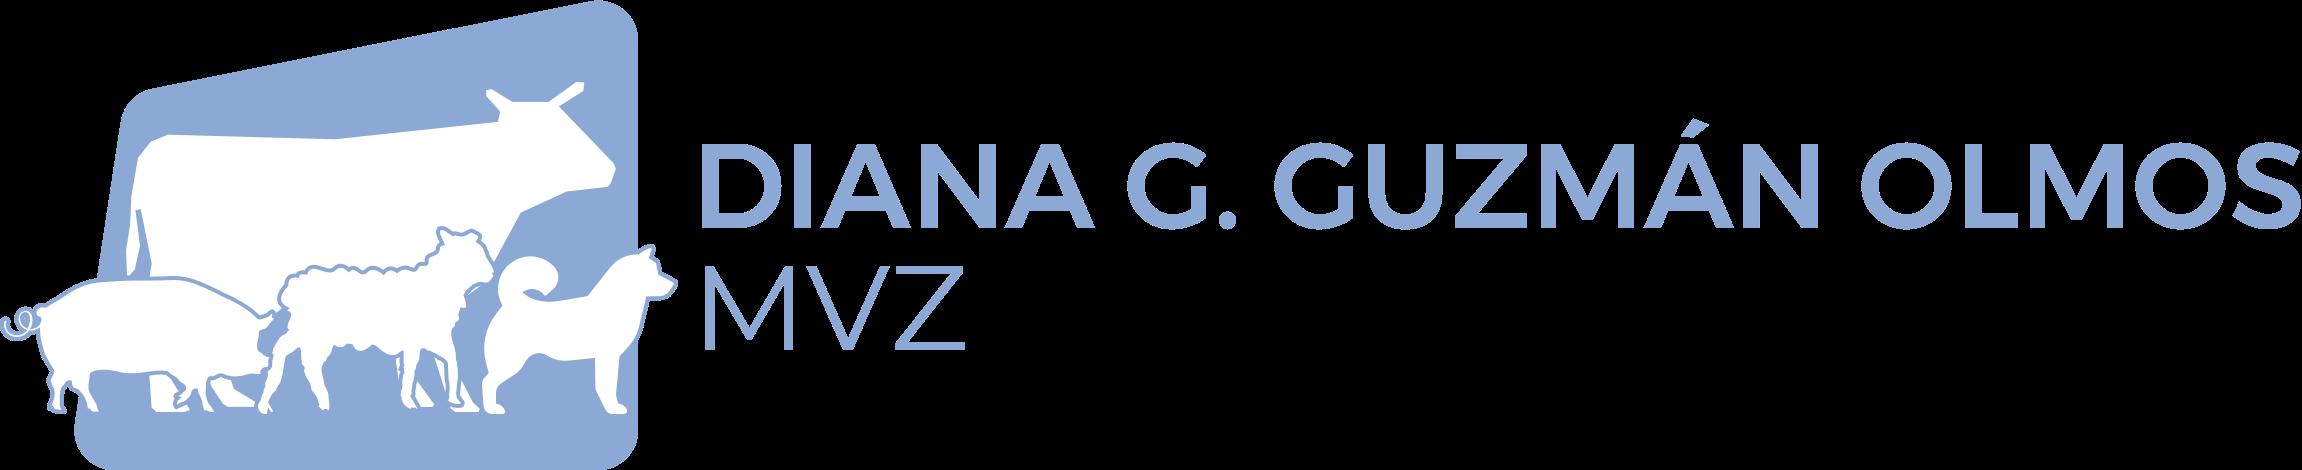 MVZ Diana Guzman